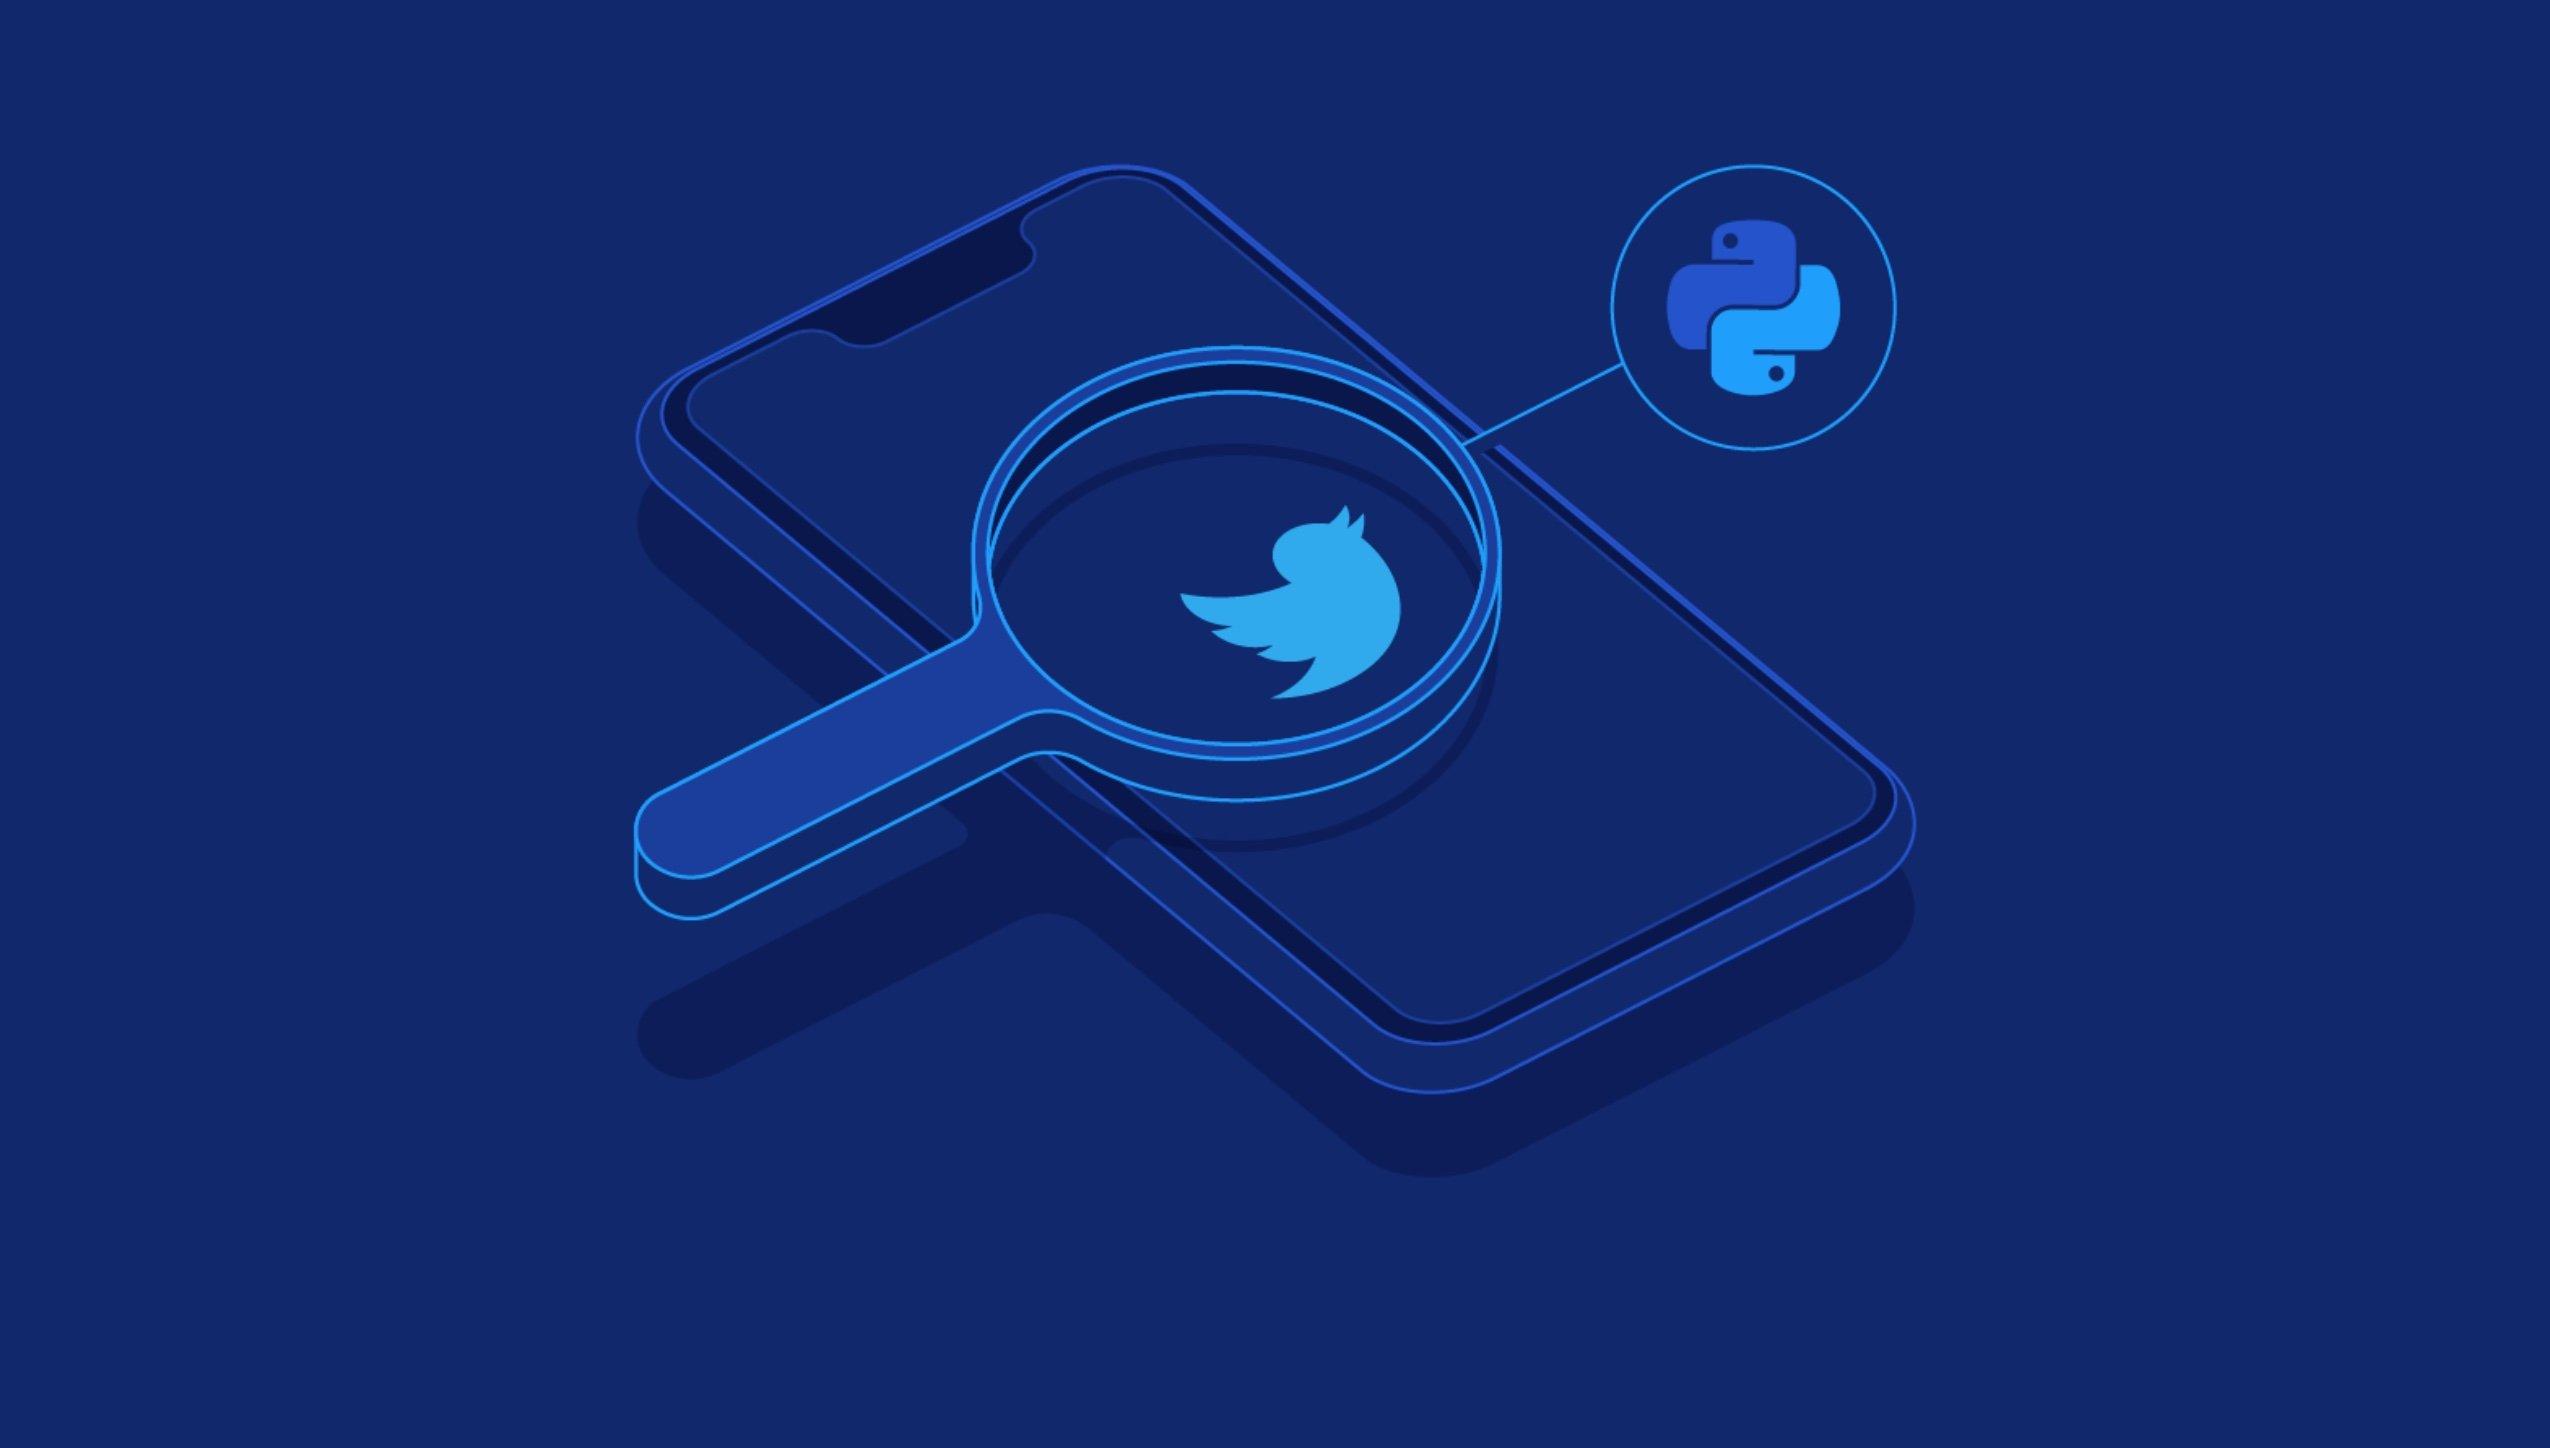 توییتر تجزیه و تحلیل توییتها را برای محققان سادهتر میکند